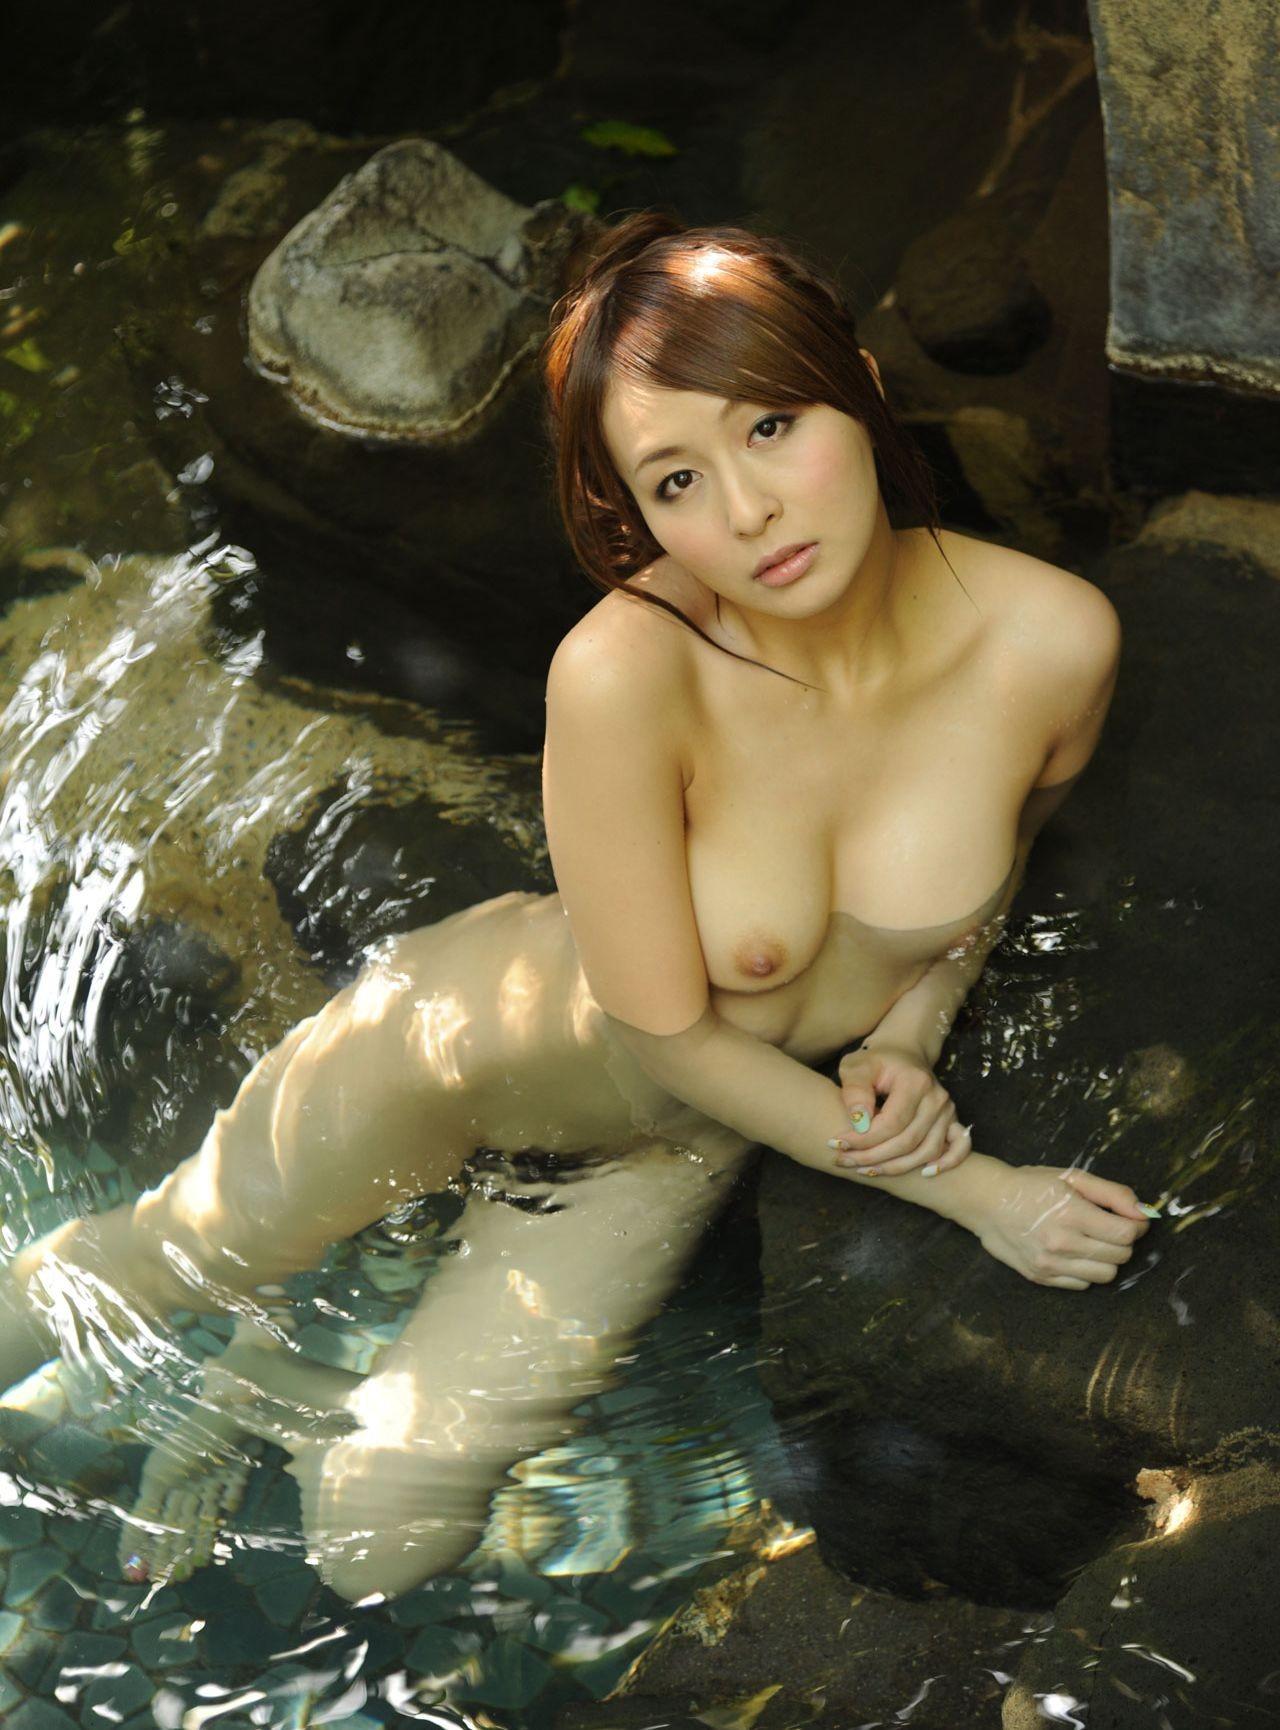 【入浴エロ画像】お尻もお乳も浮いてますw湯船に揺らめくムッチリ女体www 20